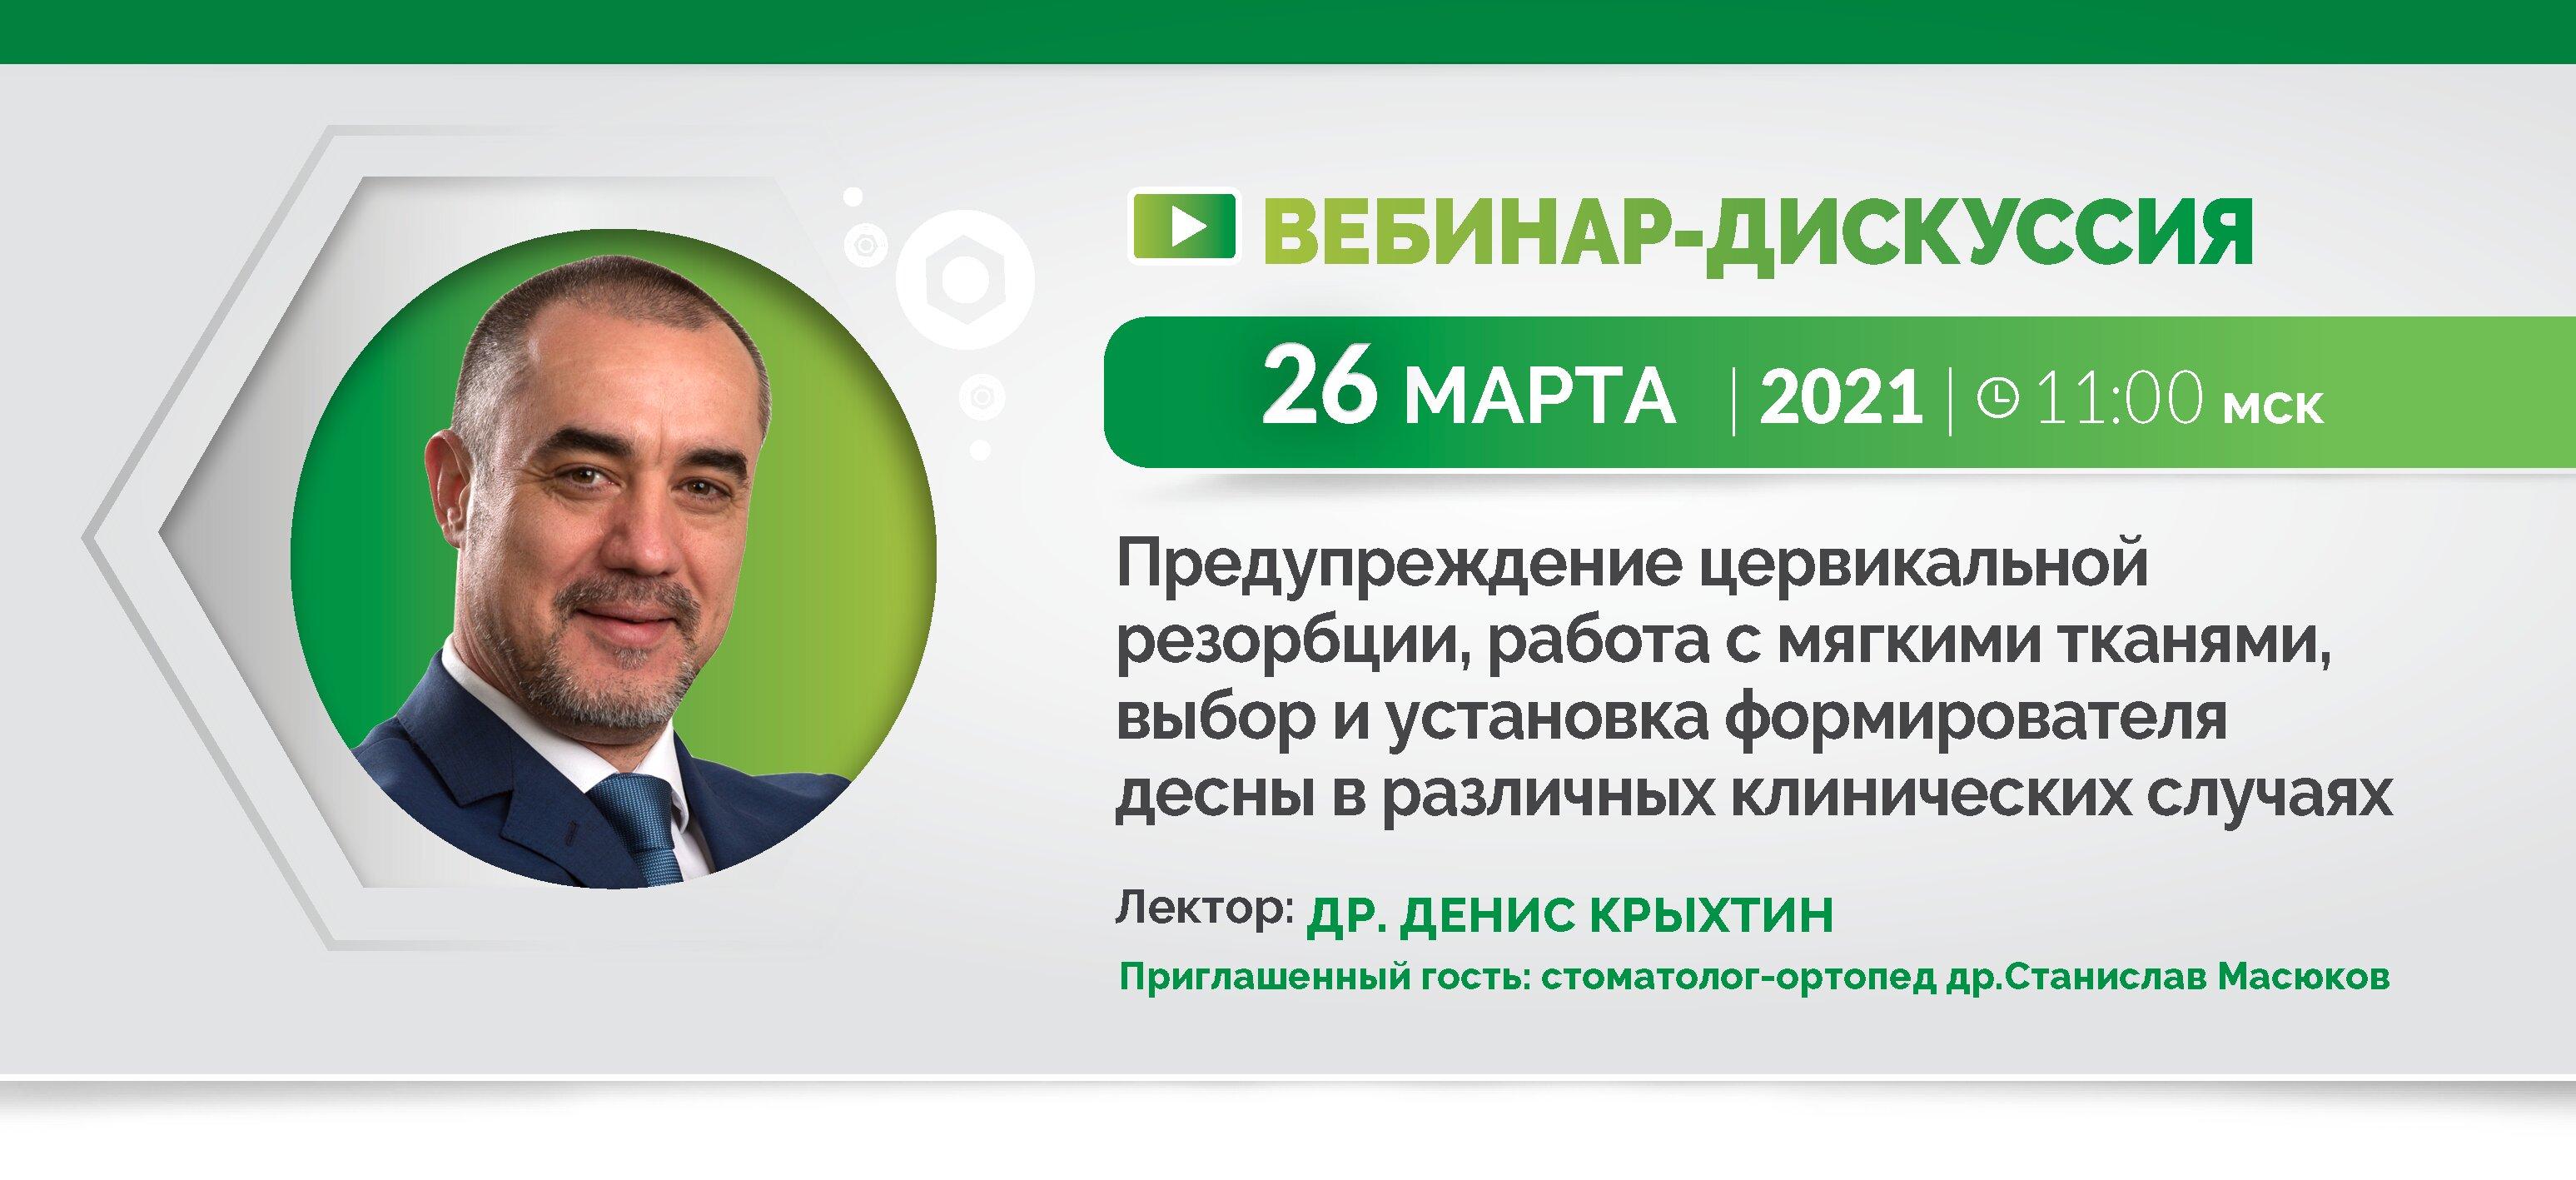 Бесплатный онлайн вебинар Др. Дениса Крыхтина